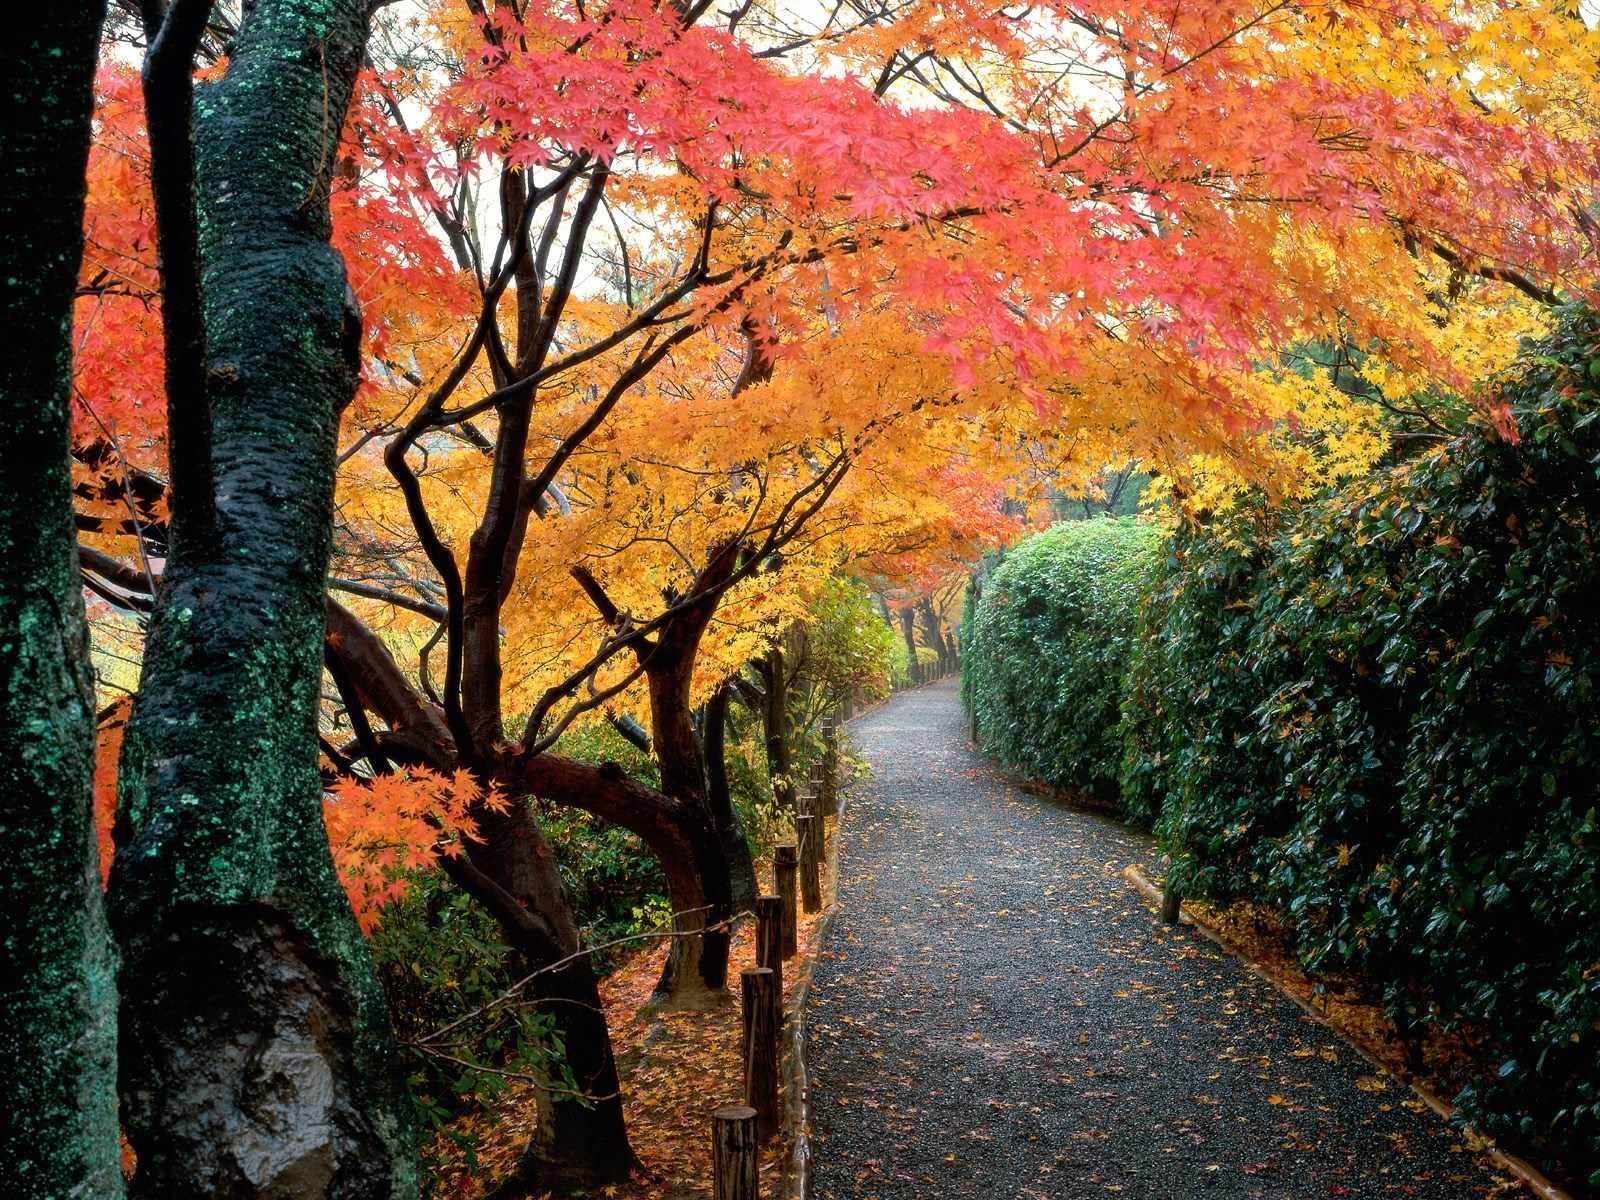 imagenes de otoño,wallpapers hd,fondos de pantalla